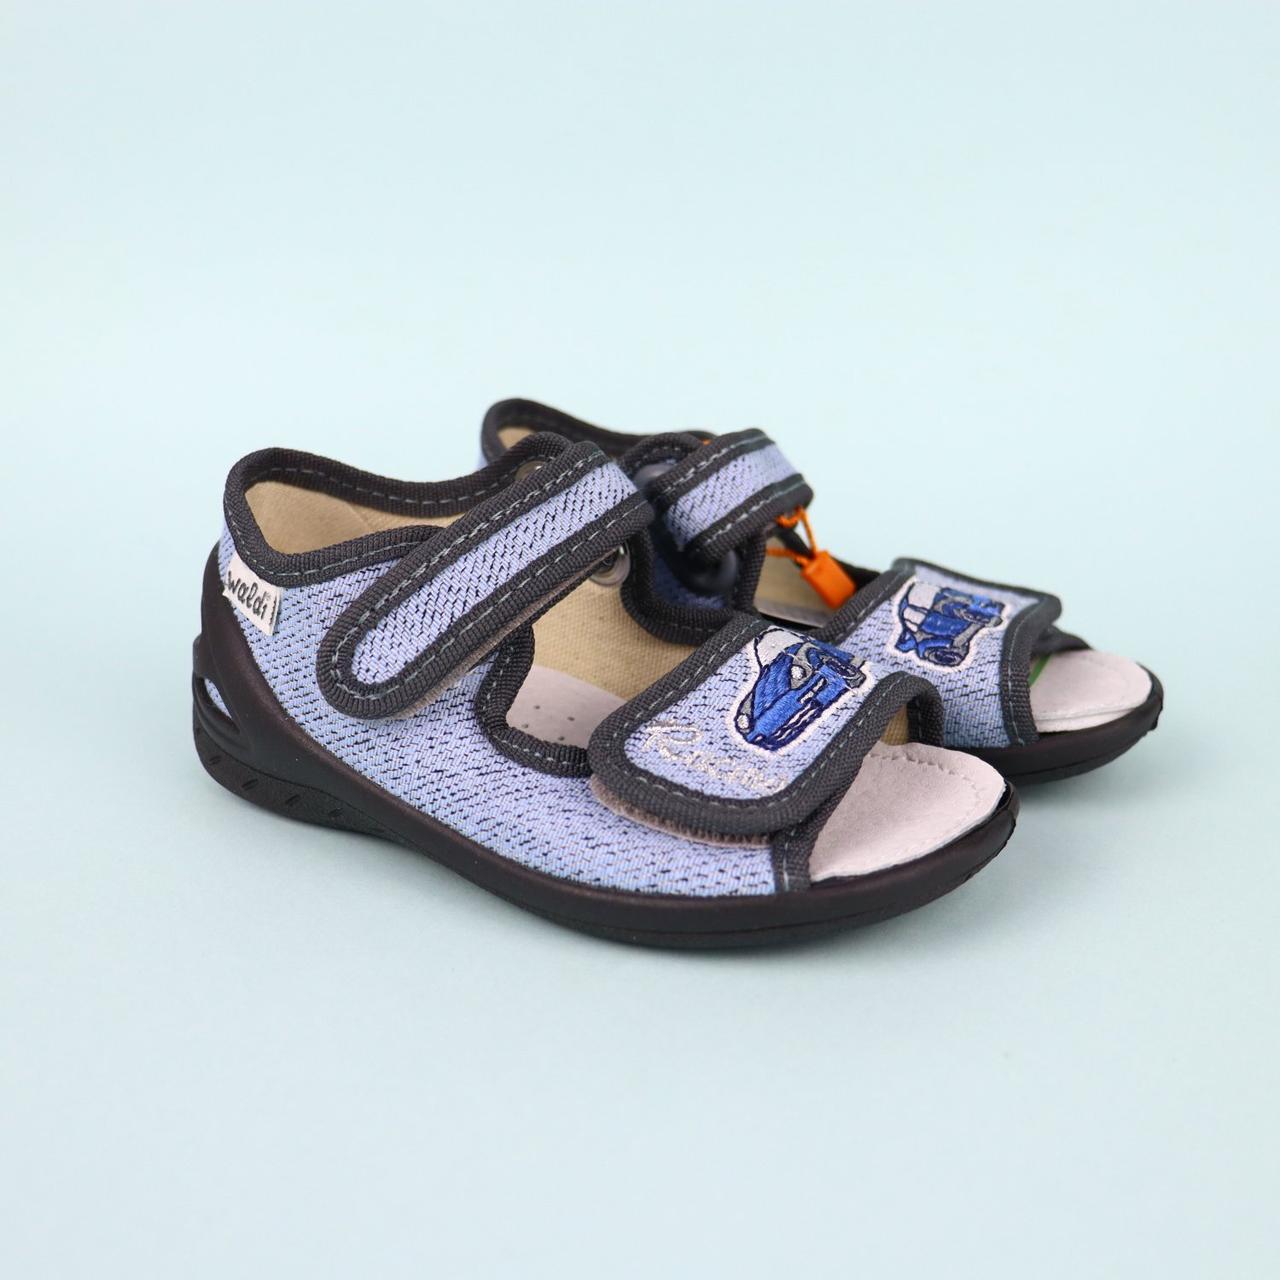 Текстильна взуття для хлопчика Адам синій тм Waldi розмір 23,24,27,29,30